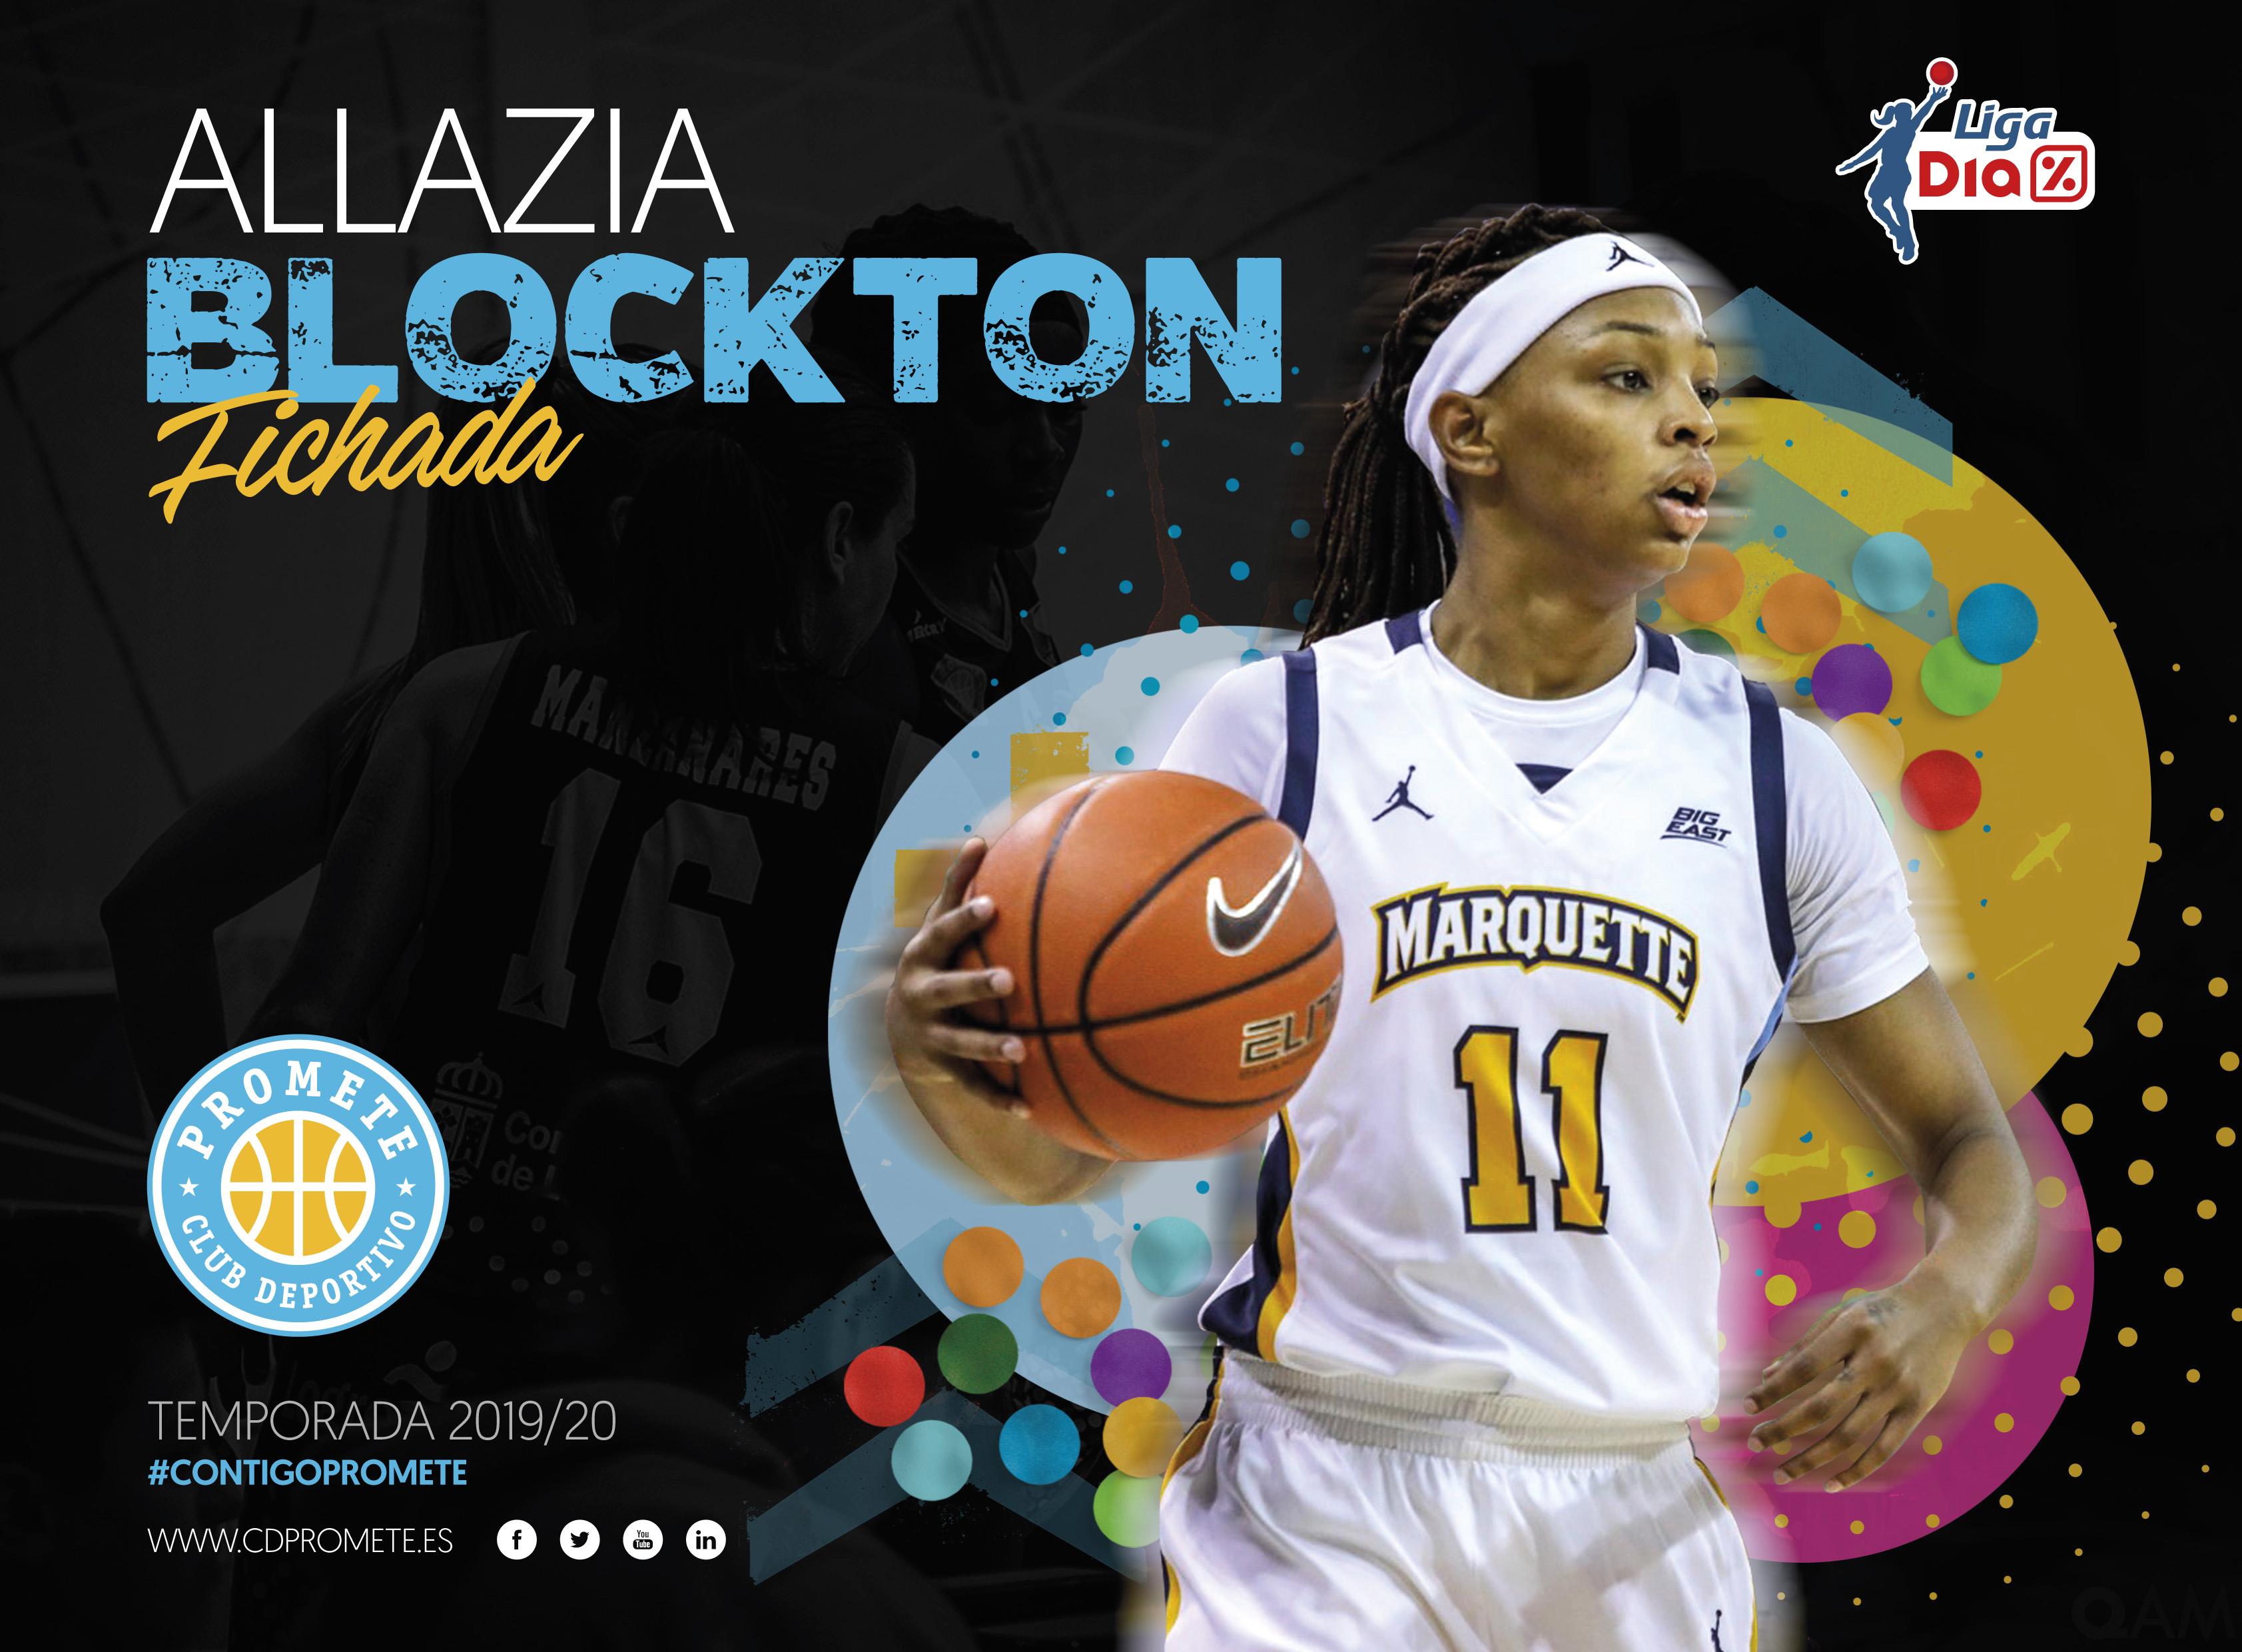 El Campus Promete completa su perímetro con Allazia Blockton, referente en la NCAA